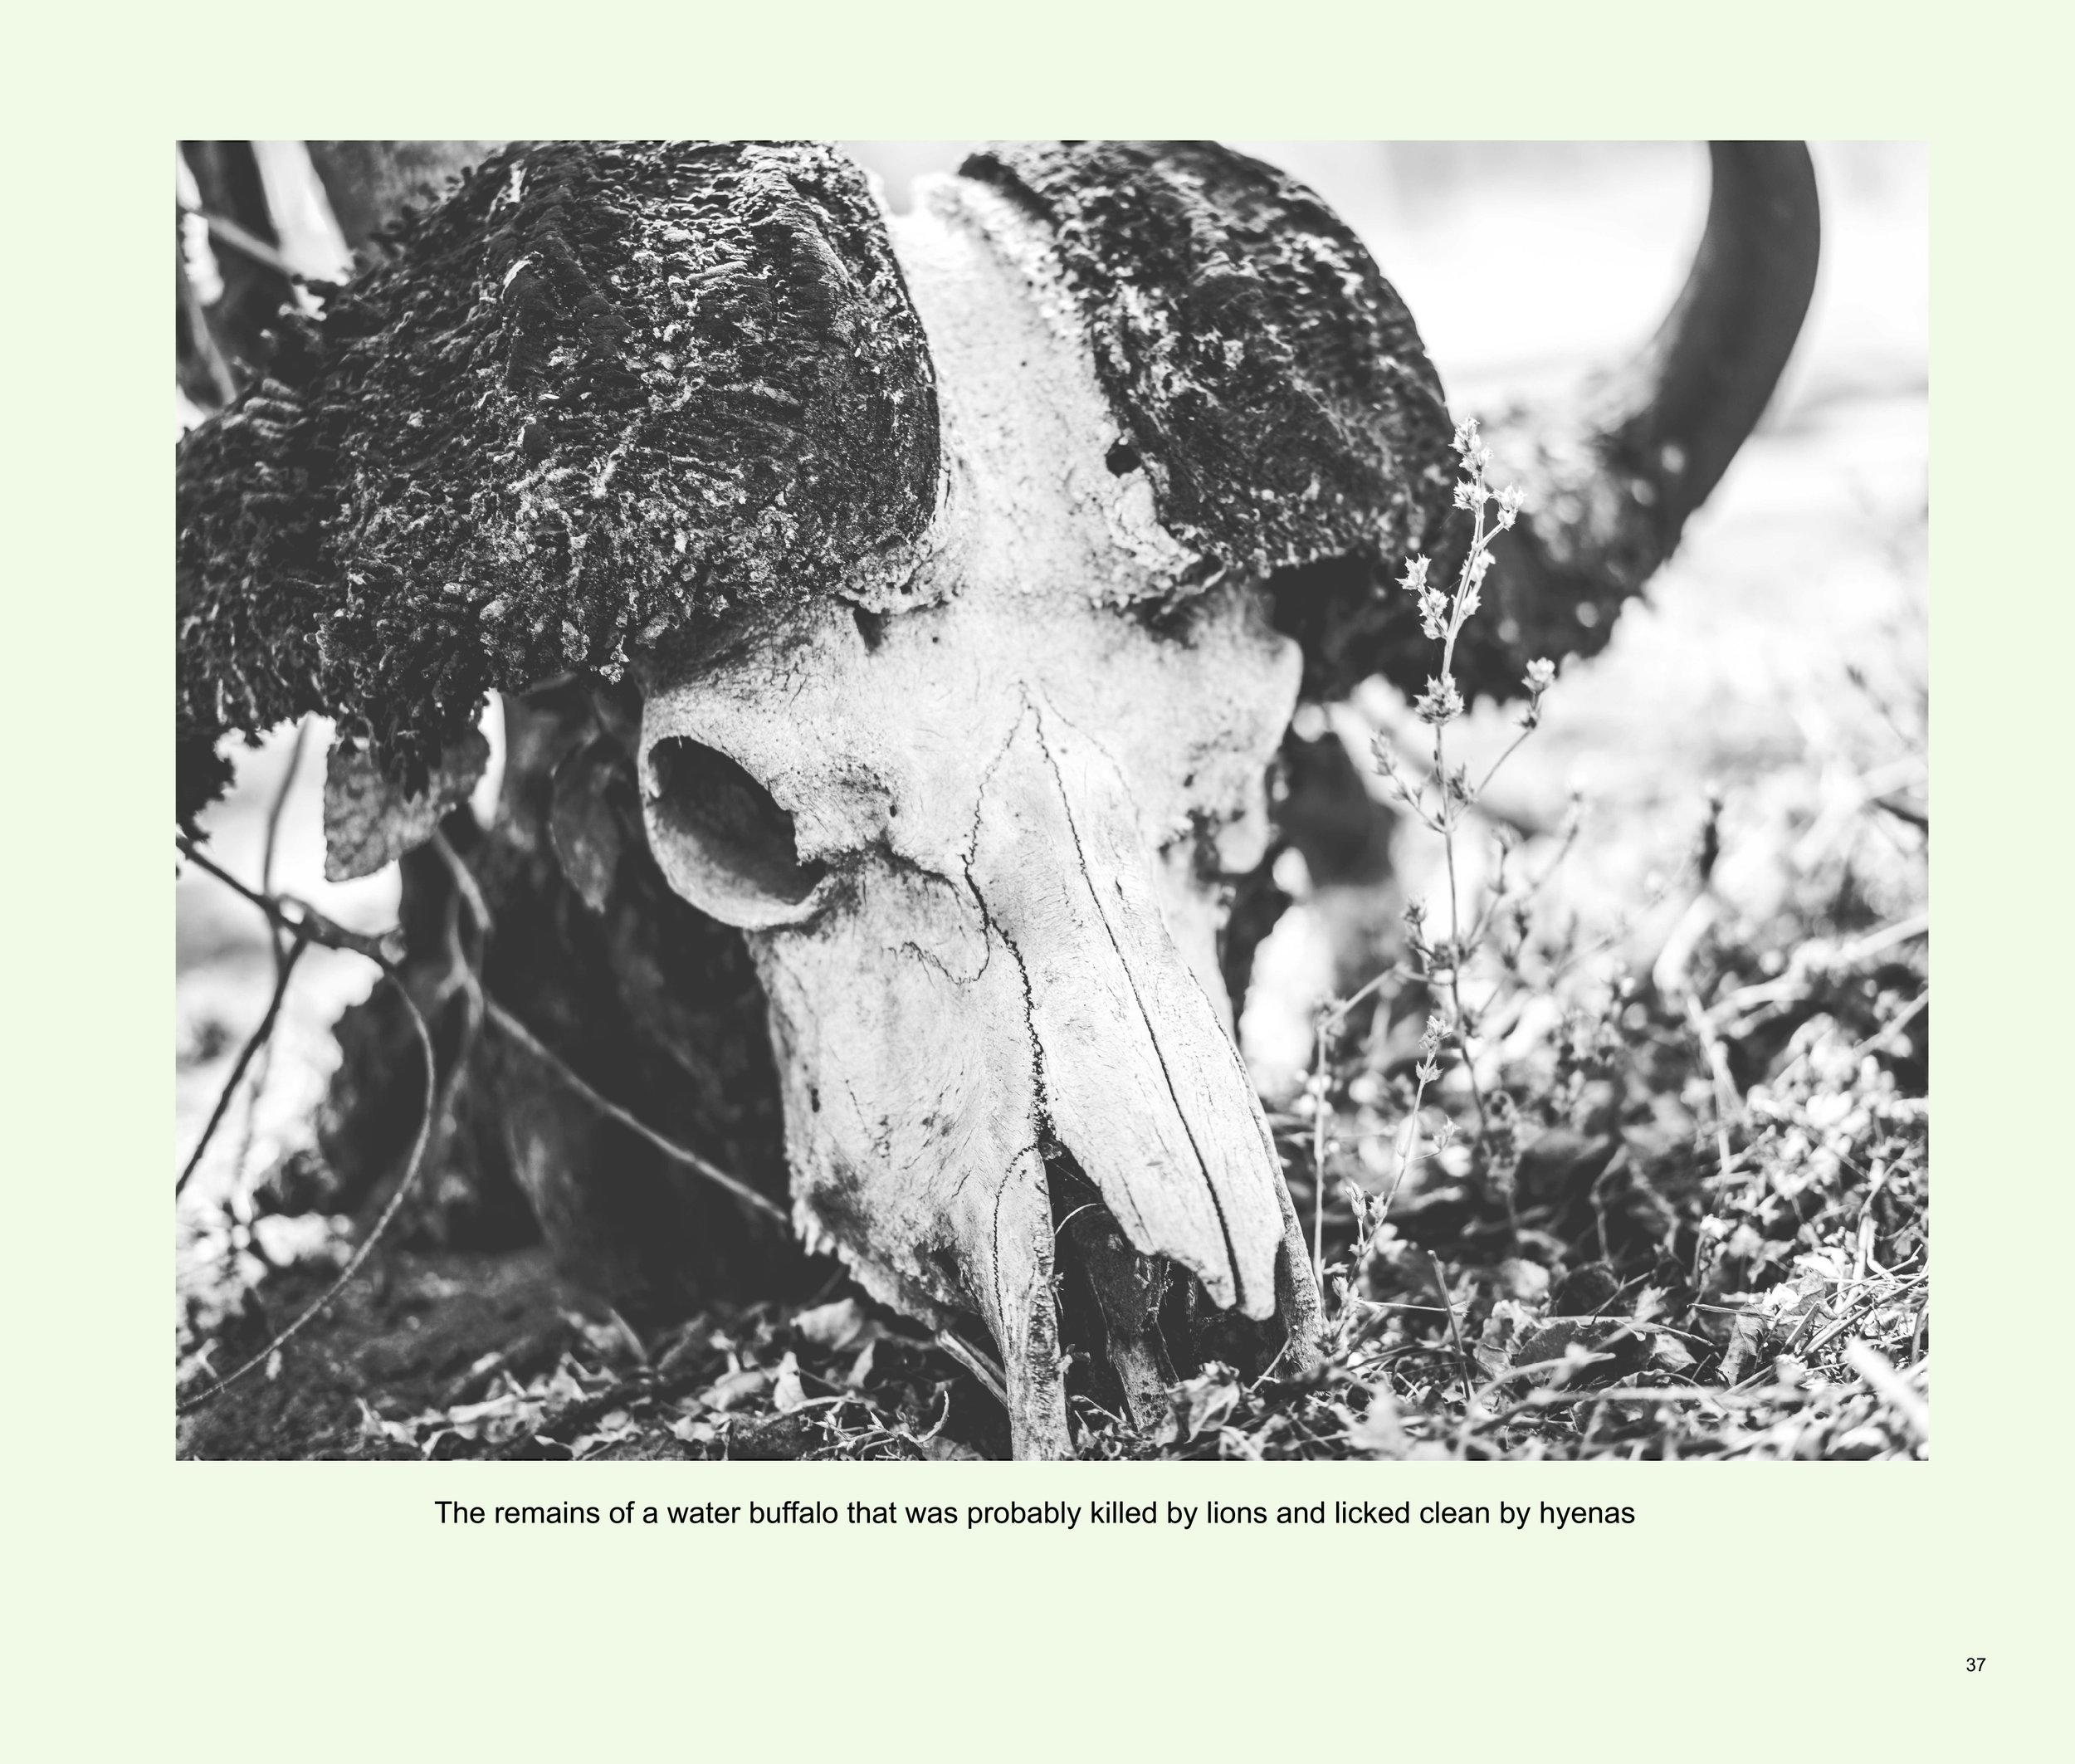 ImagesASouthernAfricaRoadTrip-39.jpg